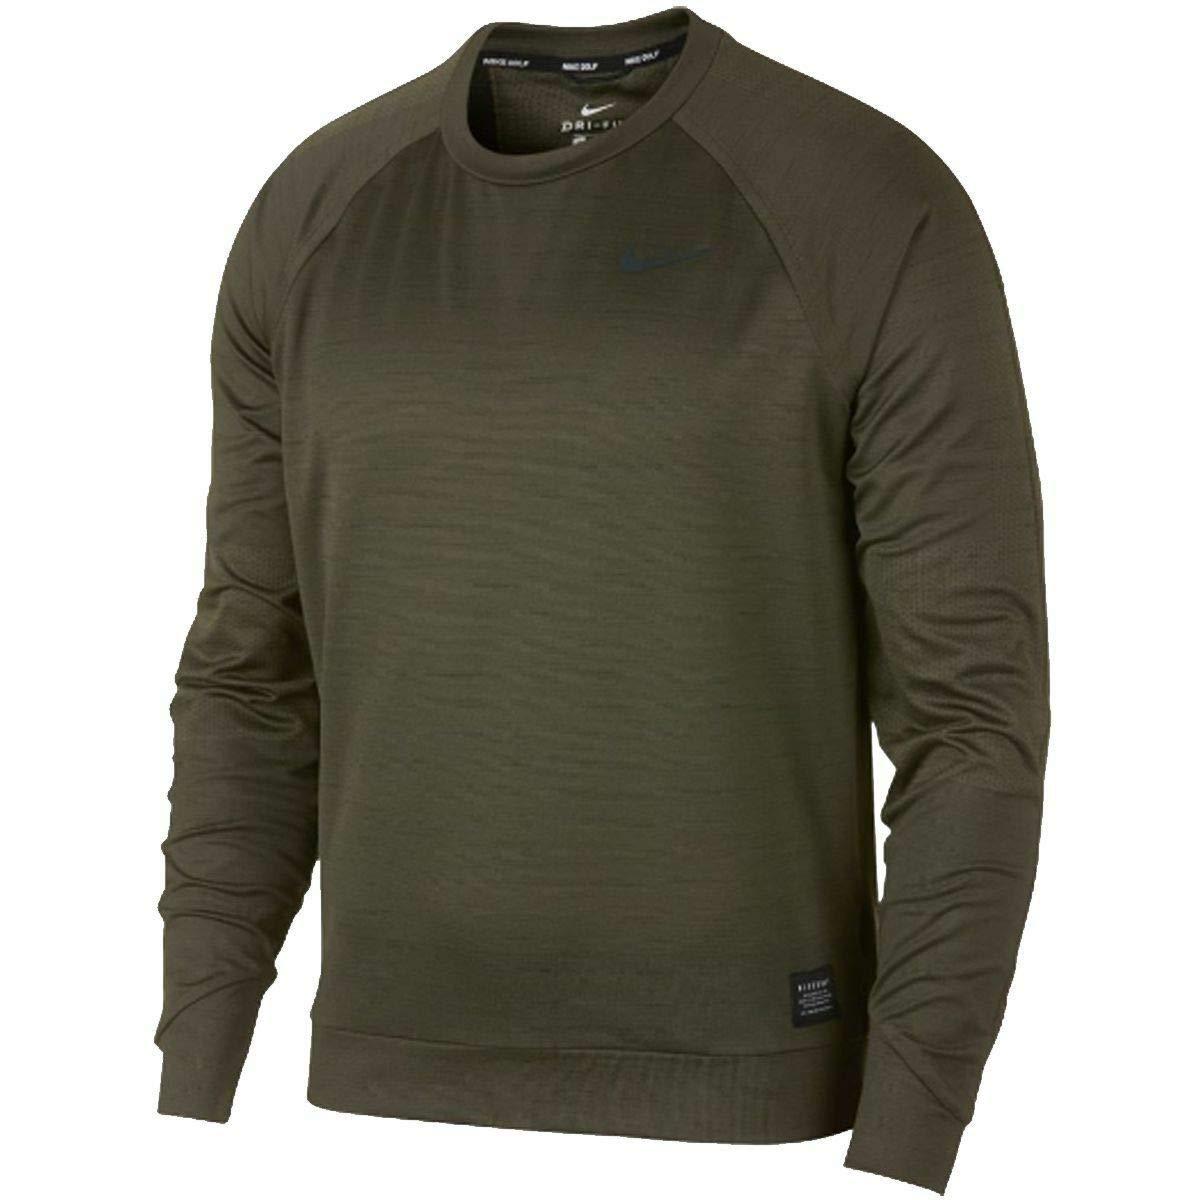 c4a40e0e4 Amazon.com: Nike Dry Brushed Golf Crew Long Sleeve Shirt Olive Green Size  XL 932316-396: Clothing